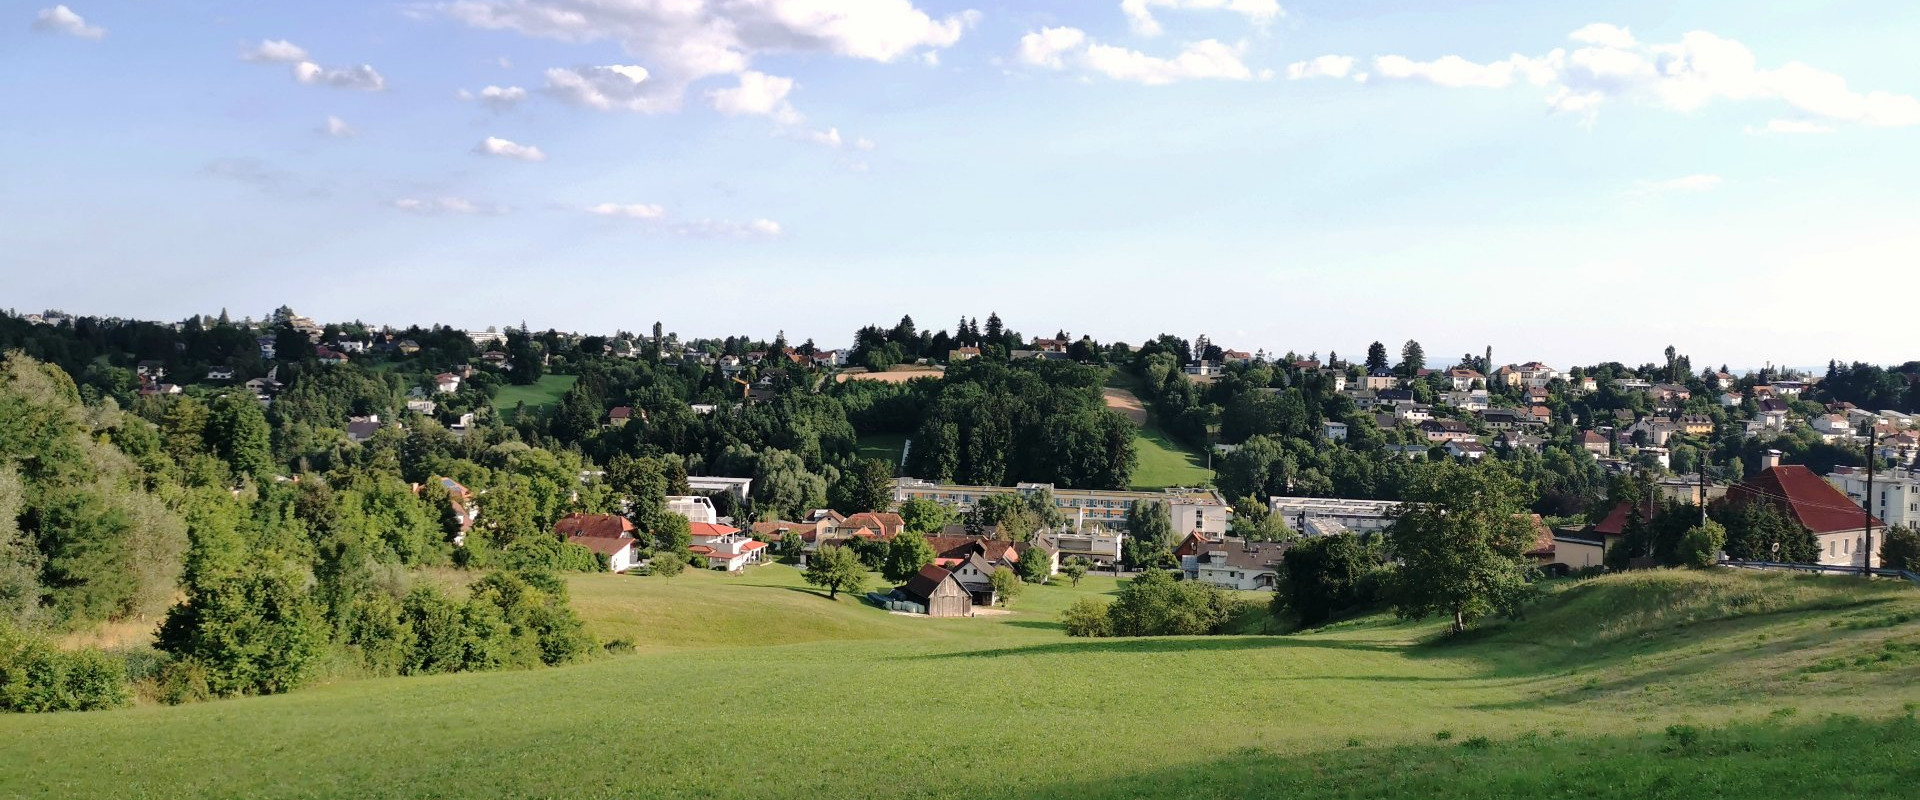 Blick auf den Bezirk Ries Graz